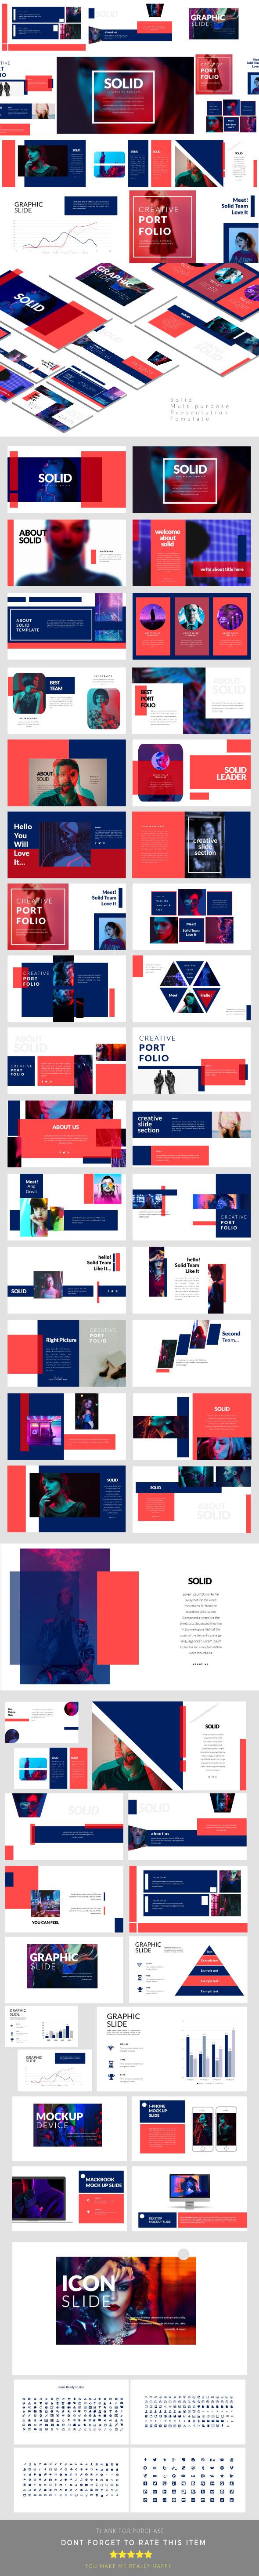 Solid - Google Slide Presentation Templates - Google Slides Presentation Templates